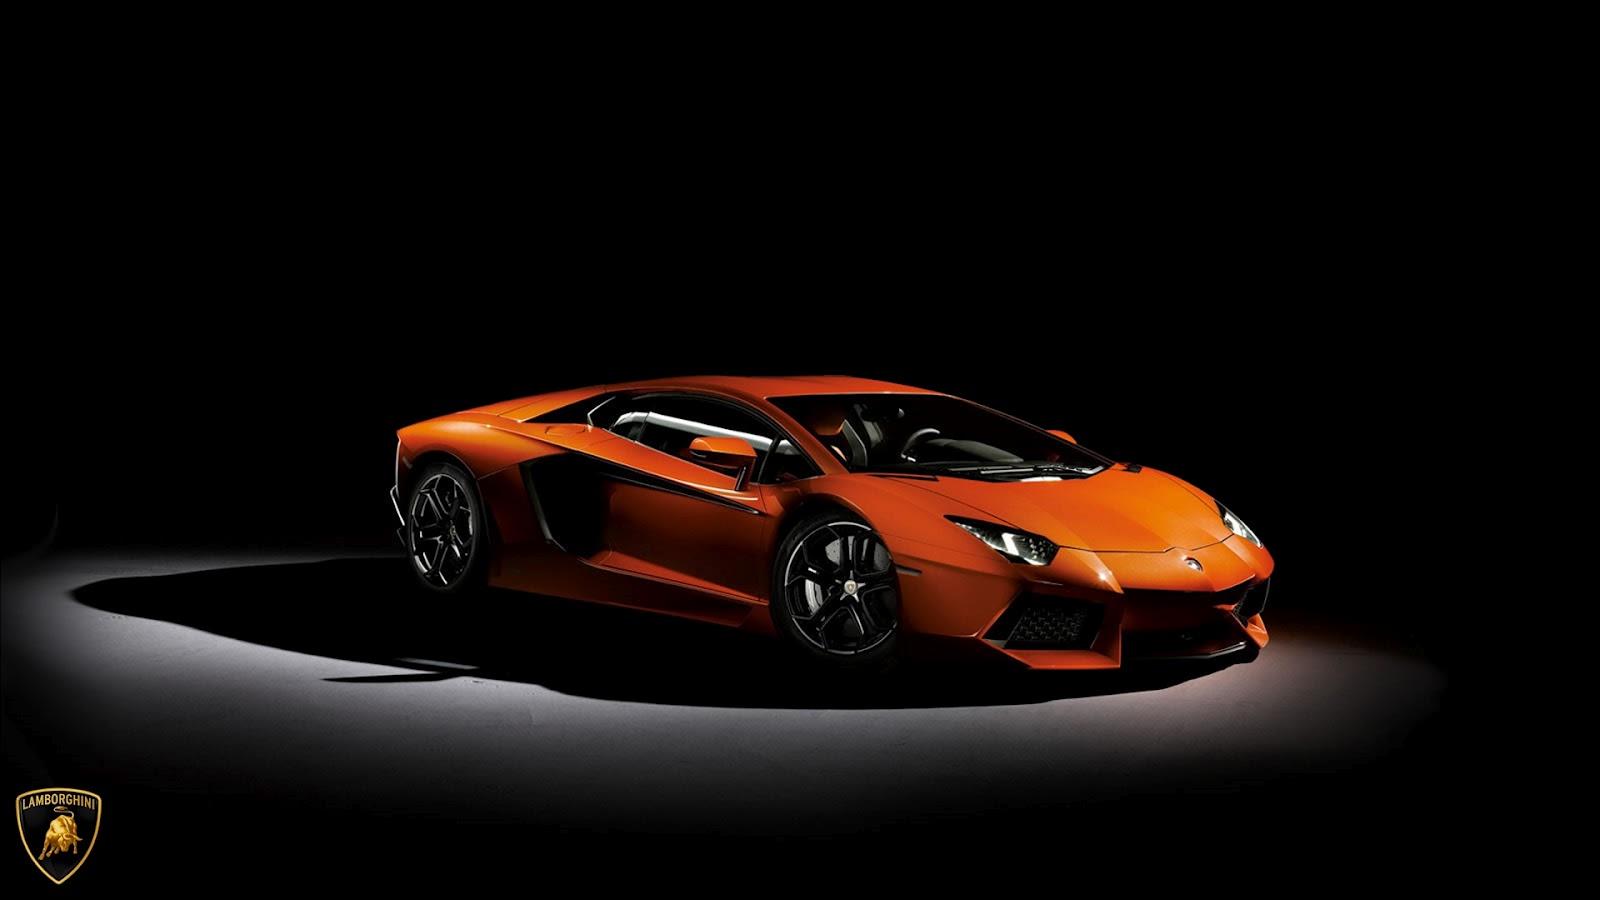 Freaking Spot: Lamborghini Full HD 1080p Wallpapers